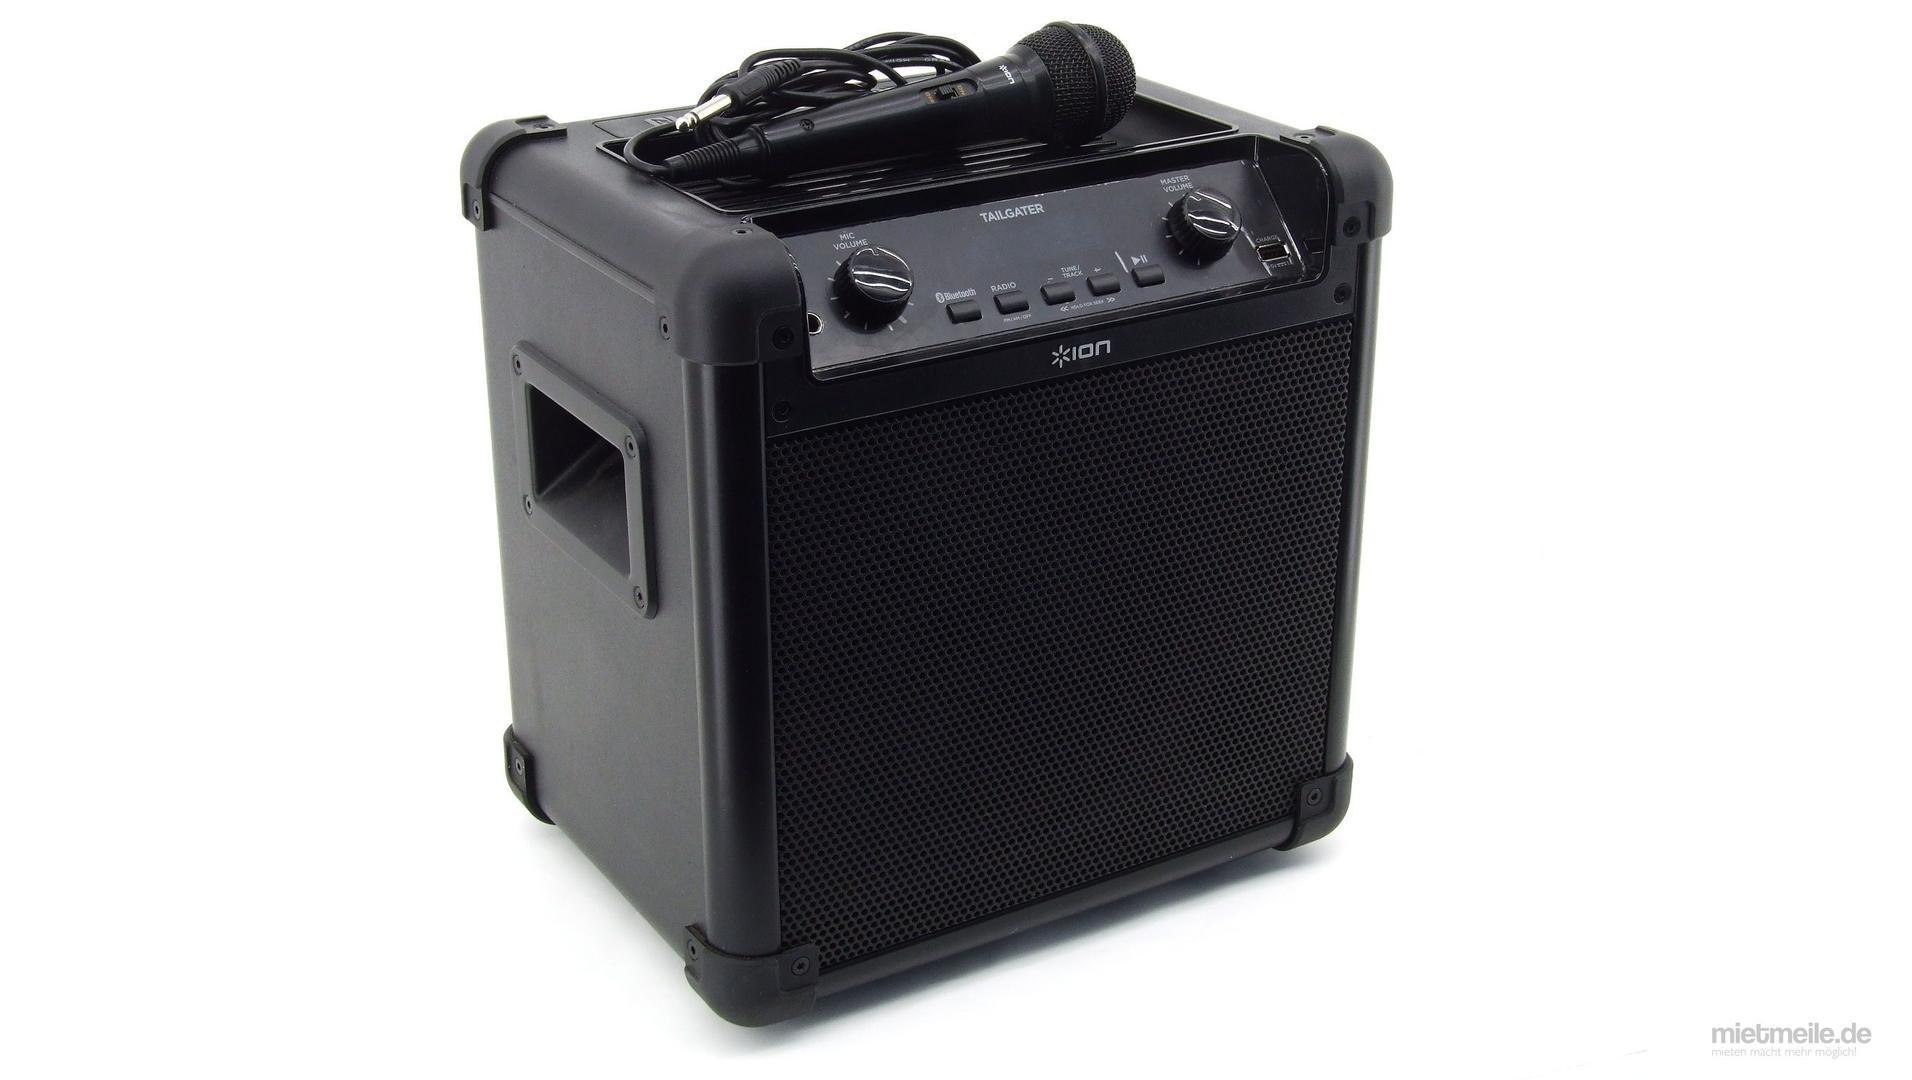 Musikanlage mieten & vermieten - Mobile PA Anlage Aktiv Lautsprecher System Box in Schkeuditz